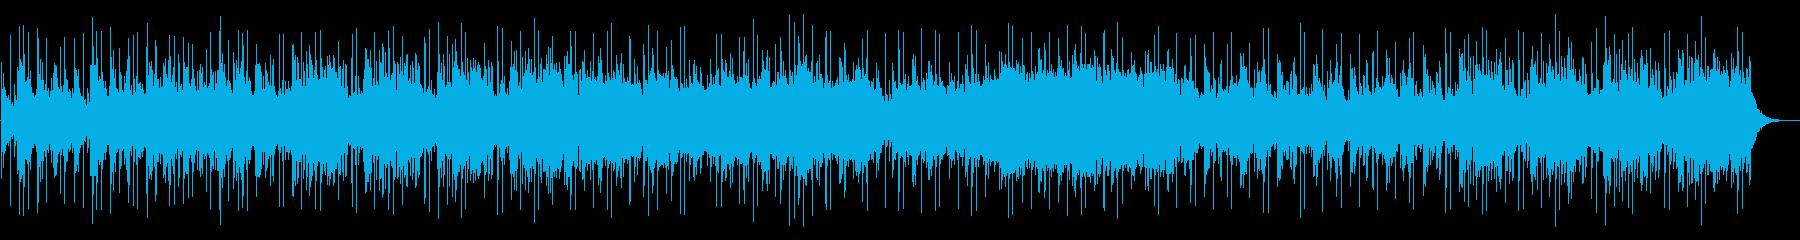 幻想的な自然の姿をイメージした曲の再生済みの波形